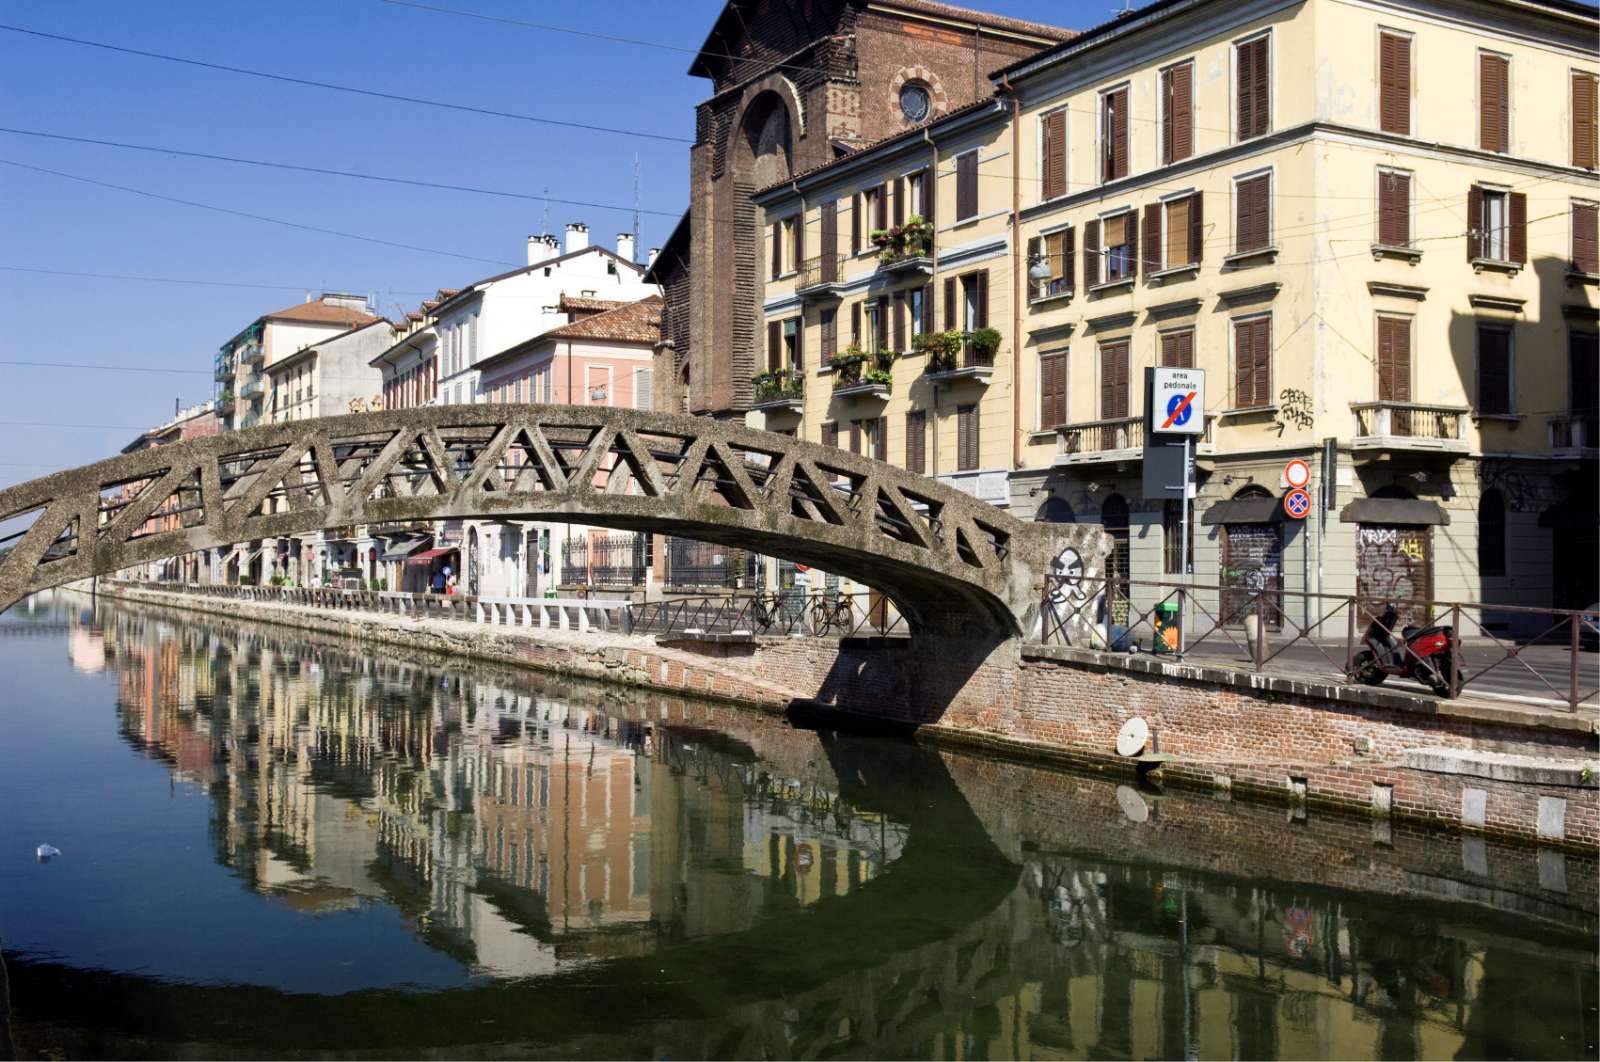 Stemning langs kanalen Navigli